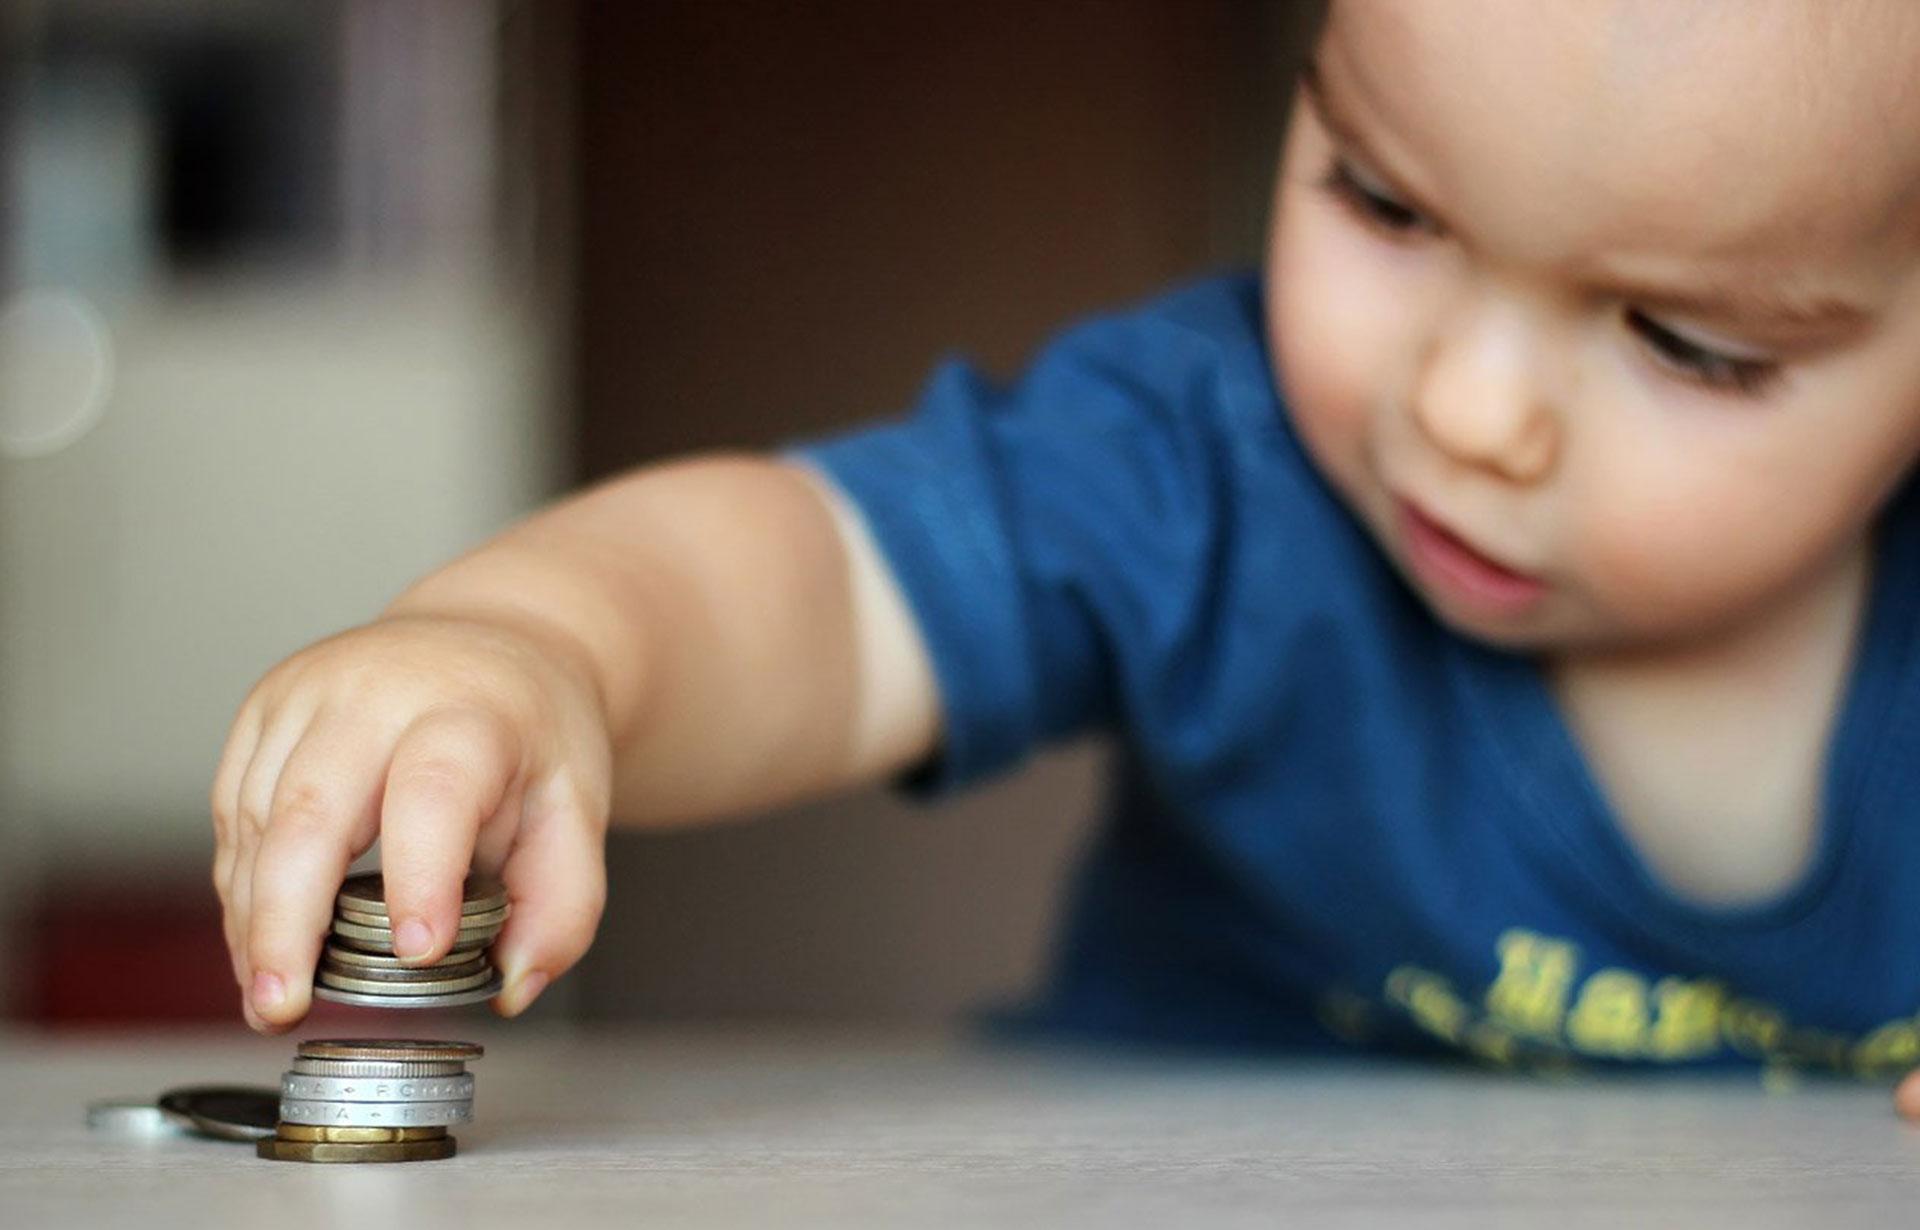 Пособия на детей от 3 до 7 лет по новым правилам: приняты все необходимые нормативные правовые акты